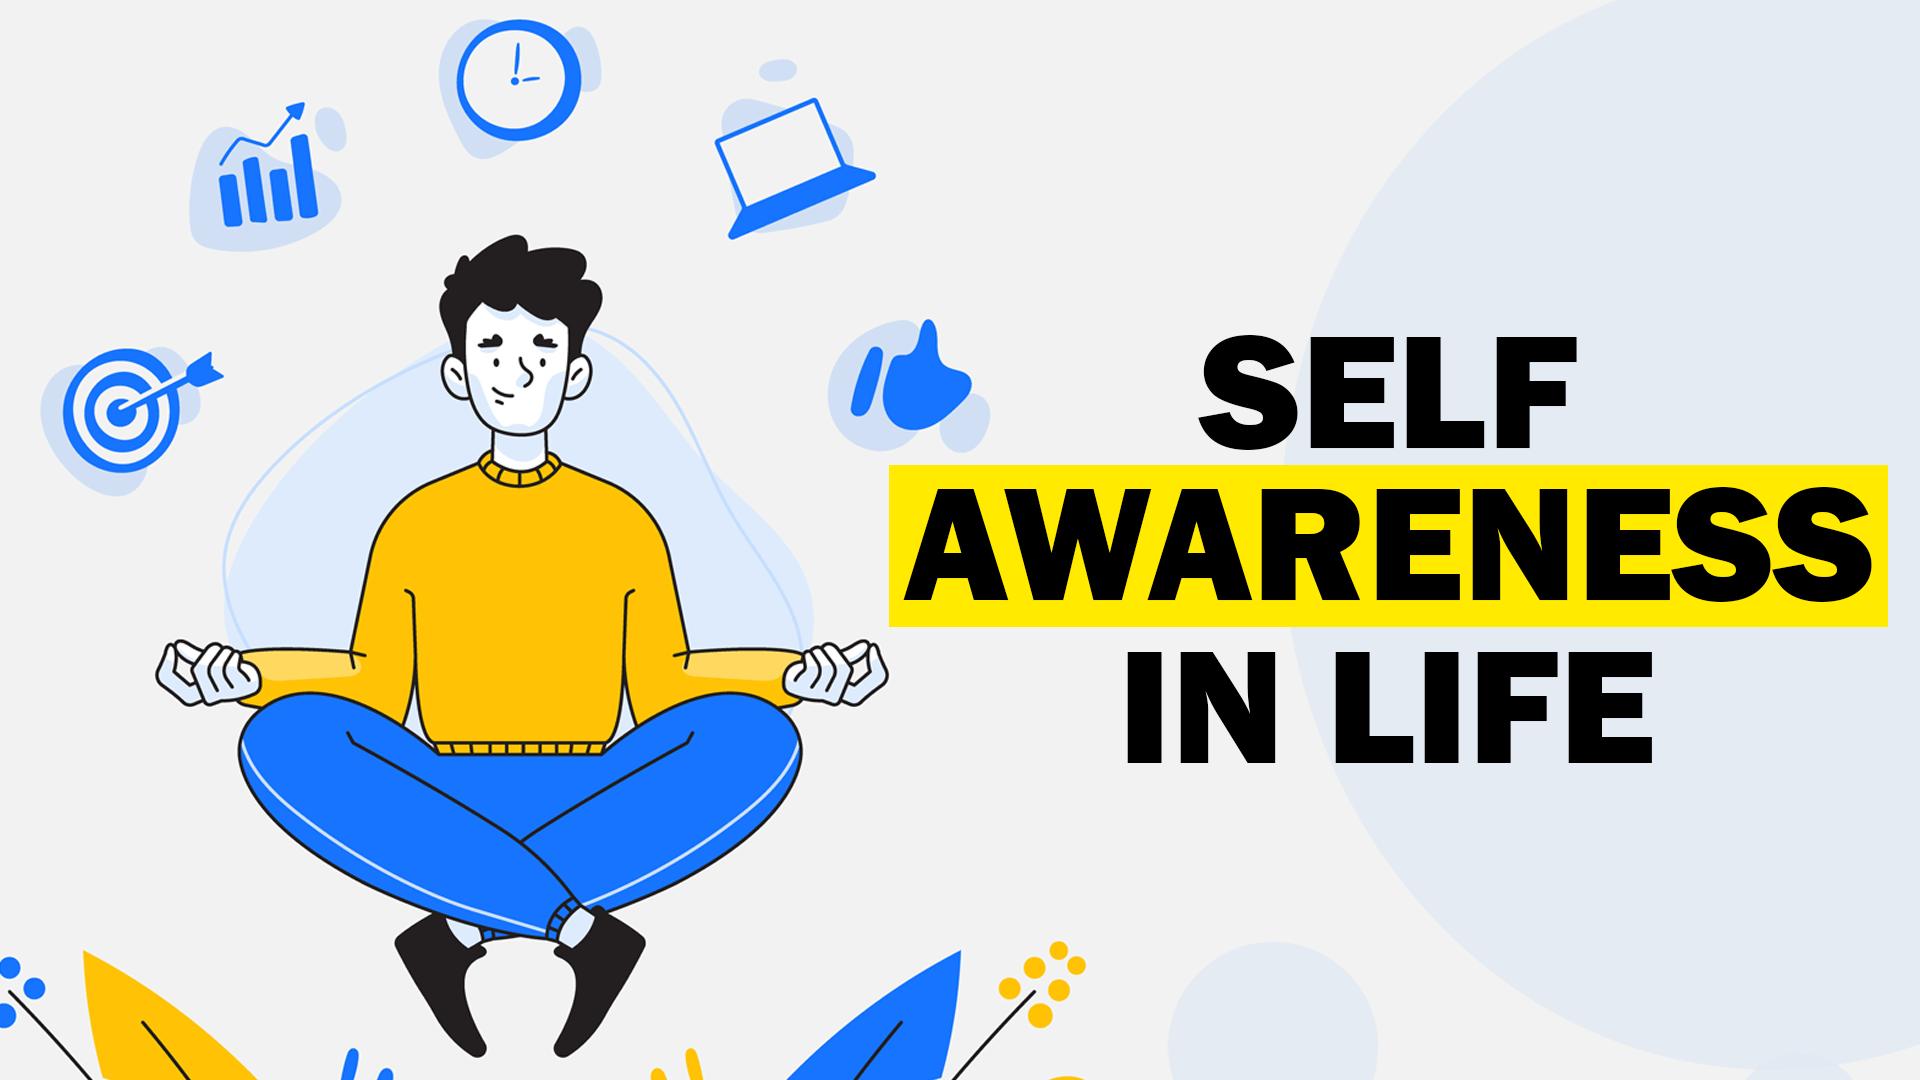 Self Awareness in Life